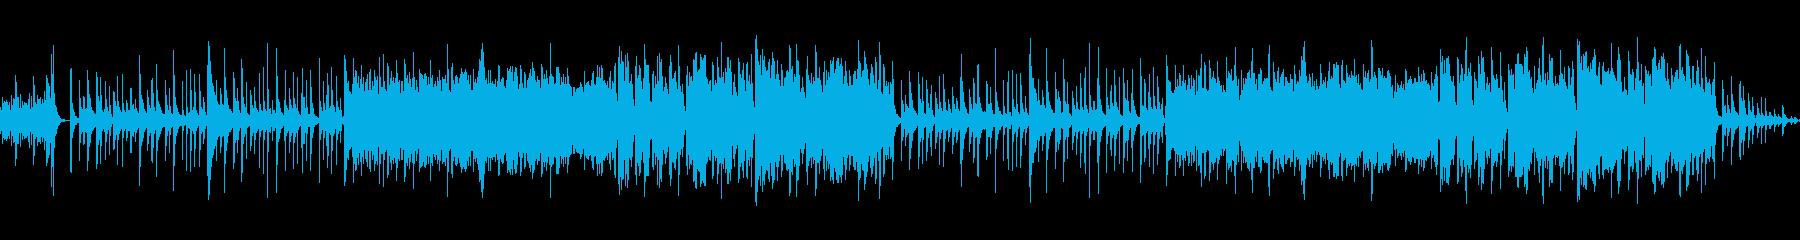 琴の音色とフルートの音色が印象深いBGMの再生済みの波形